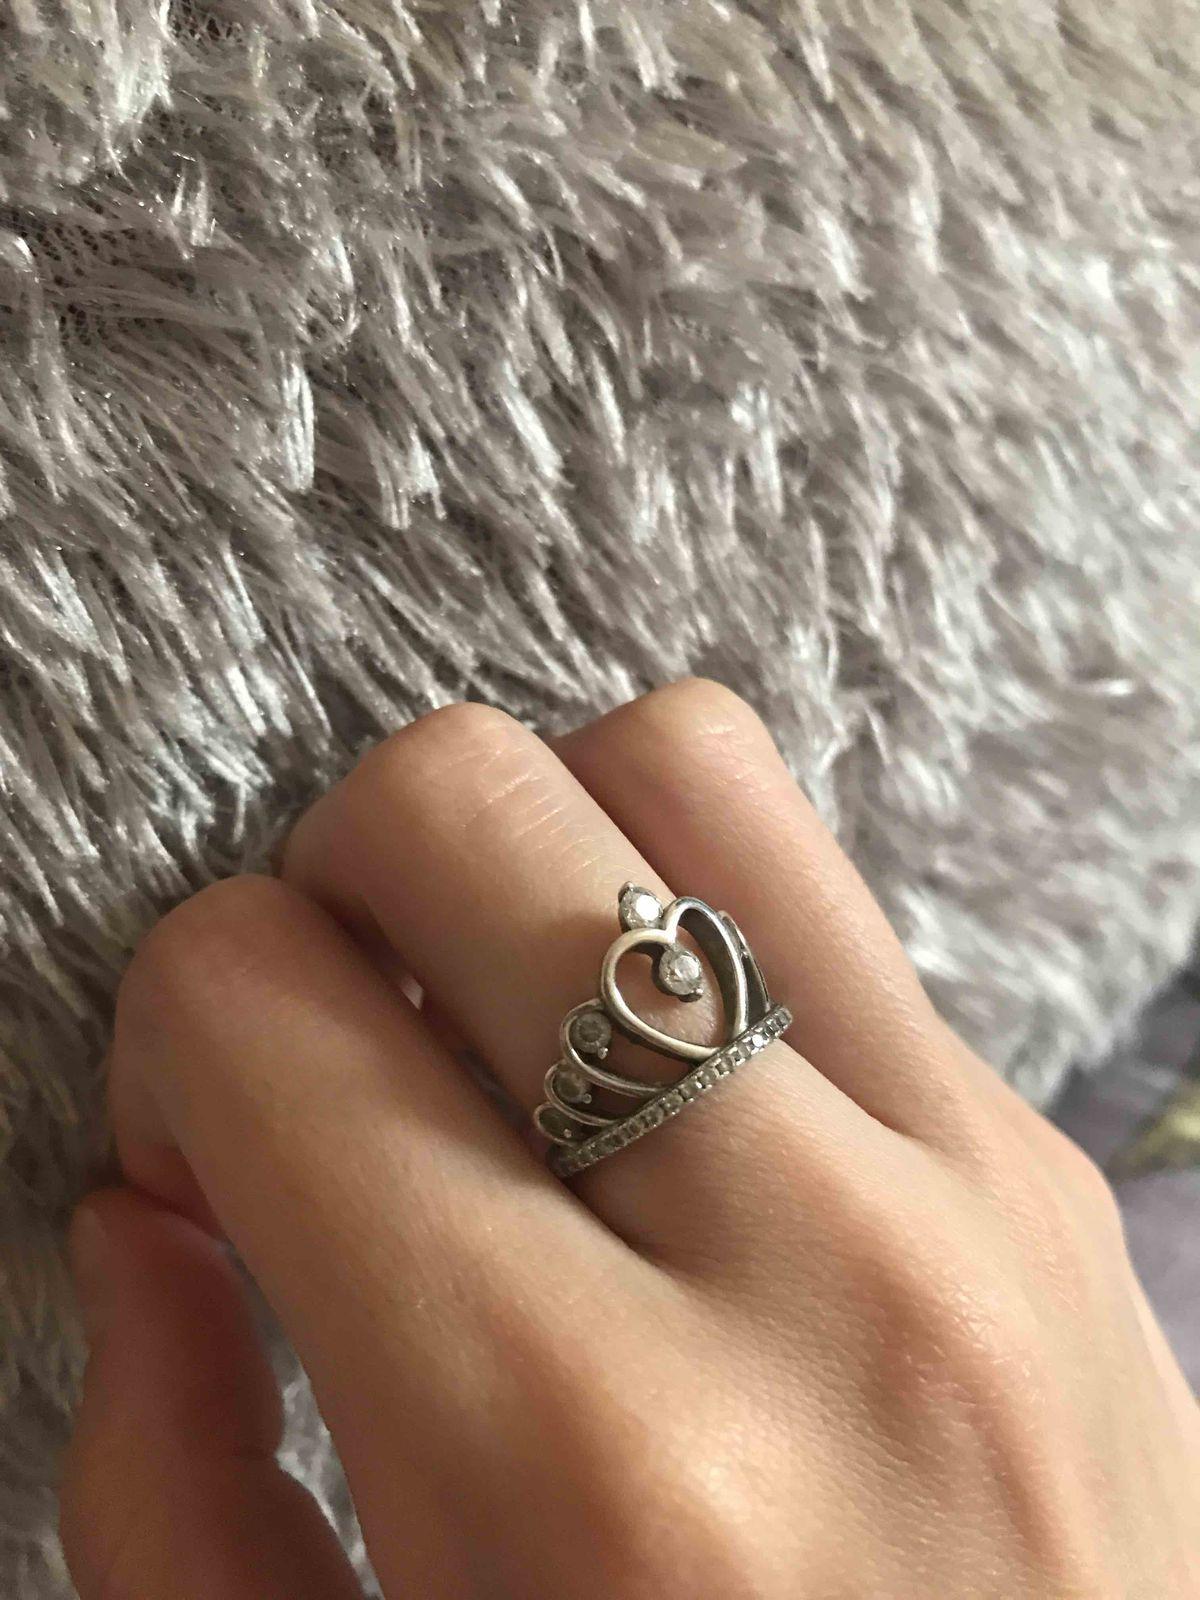 Кольцо Диснеевской принцессы